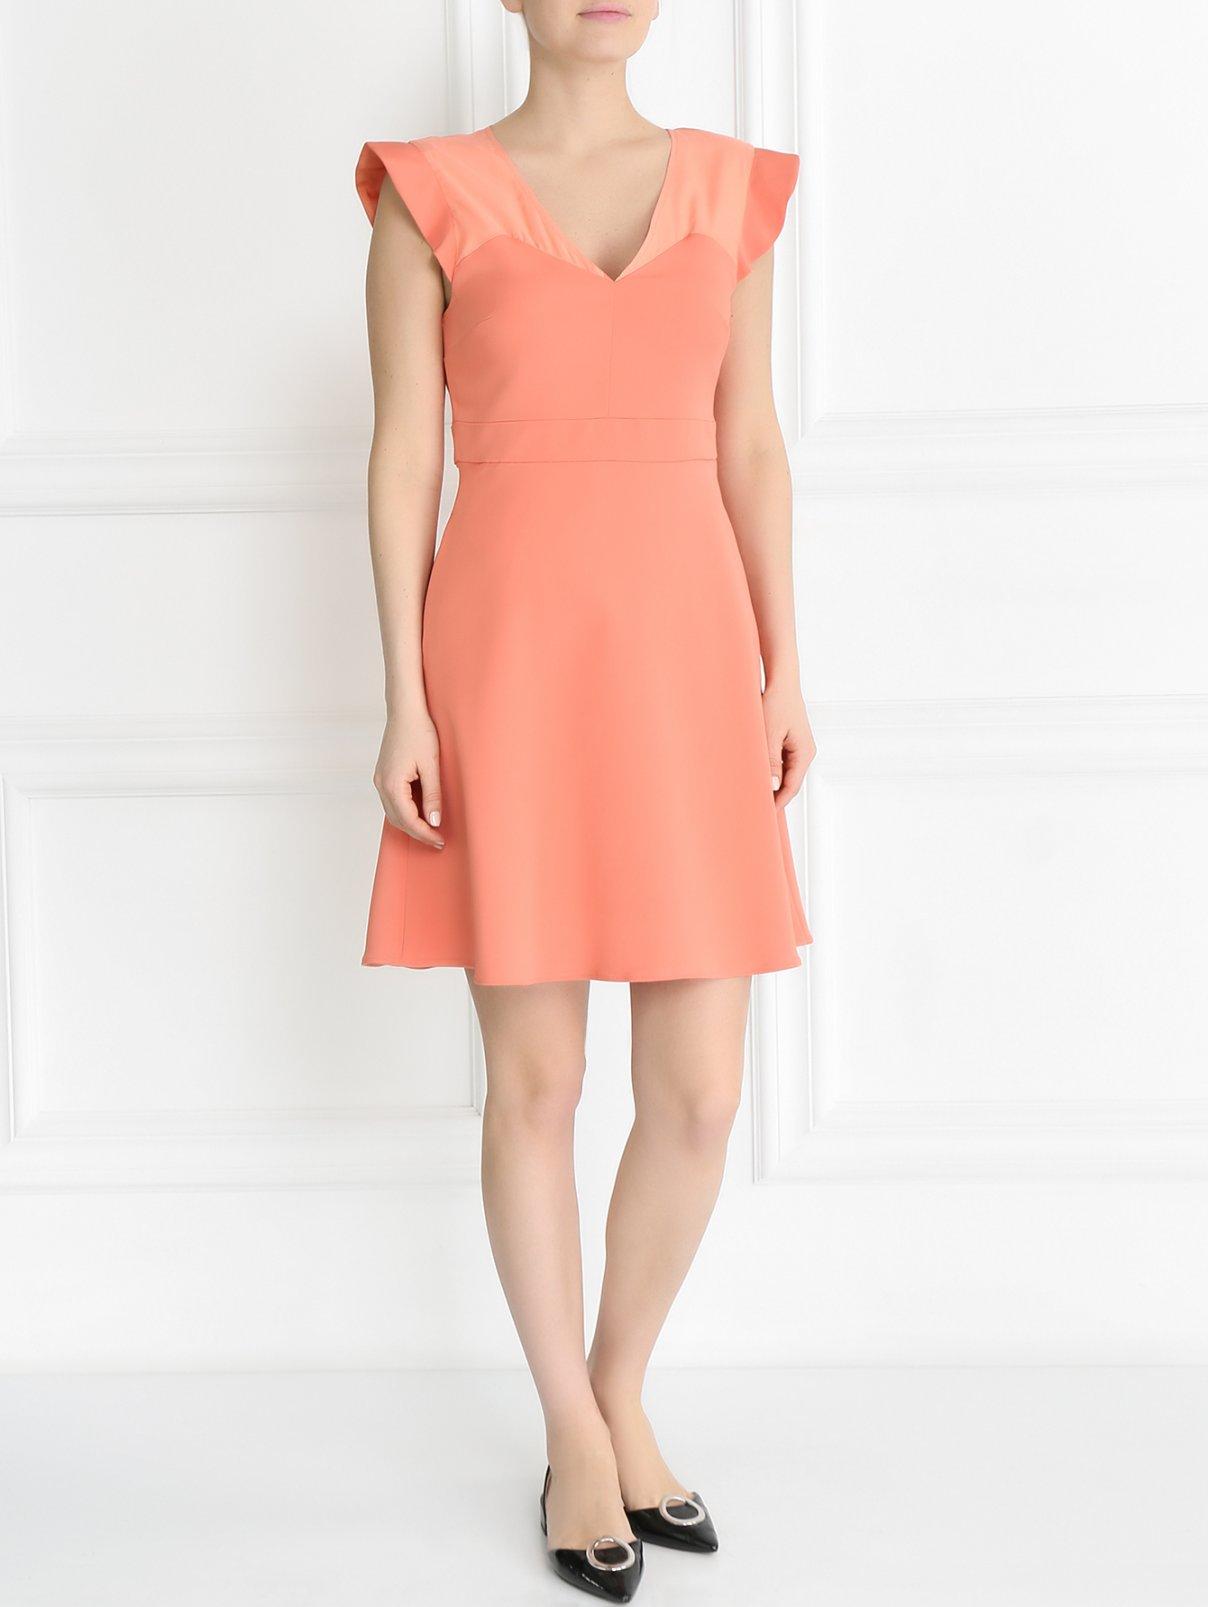 Платье-мини с воланами Max&Co  –  Модель Общий вид  – Цвет:  Розовый